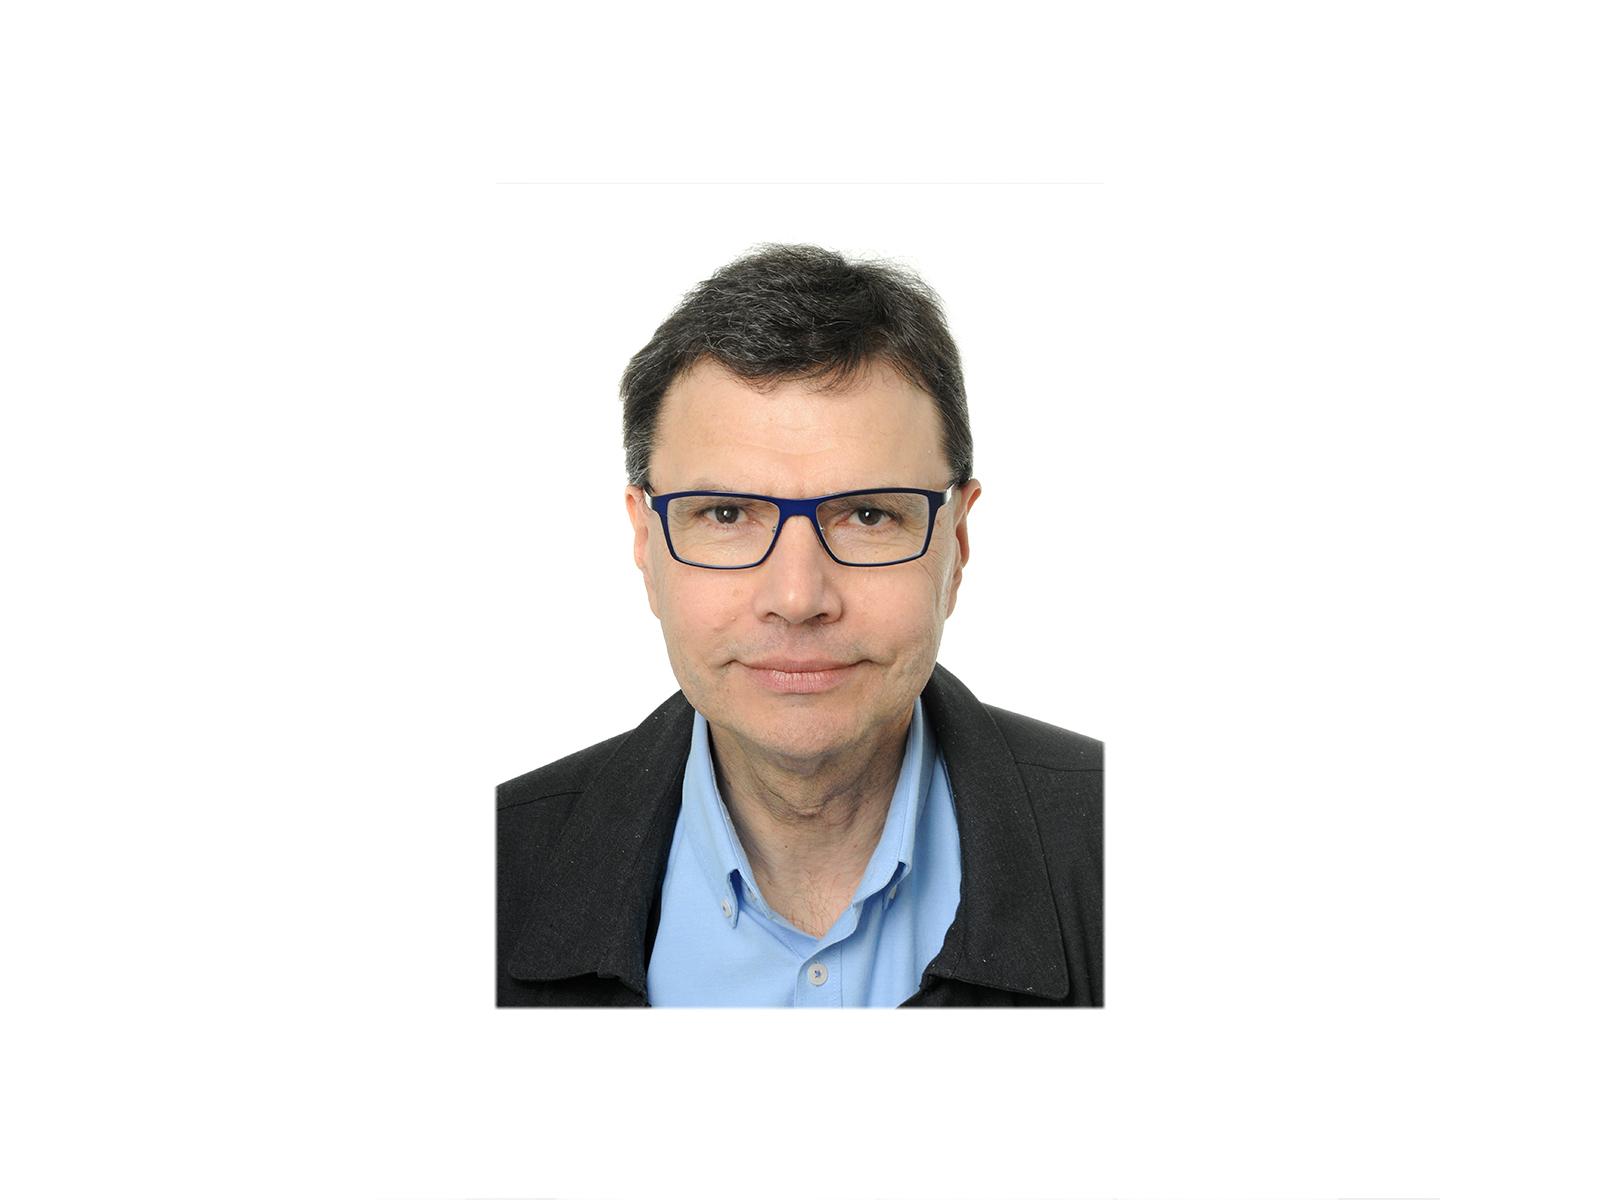 Benedikt Gschwind, SP Kantonsrat